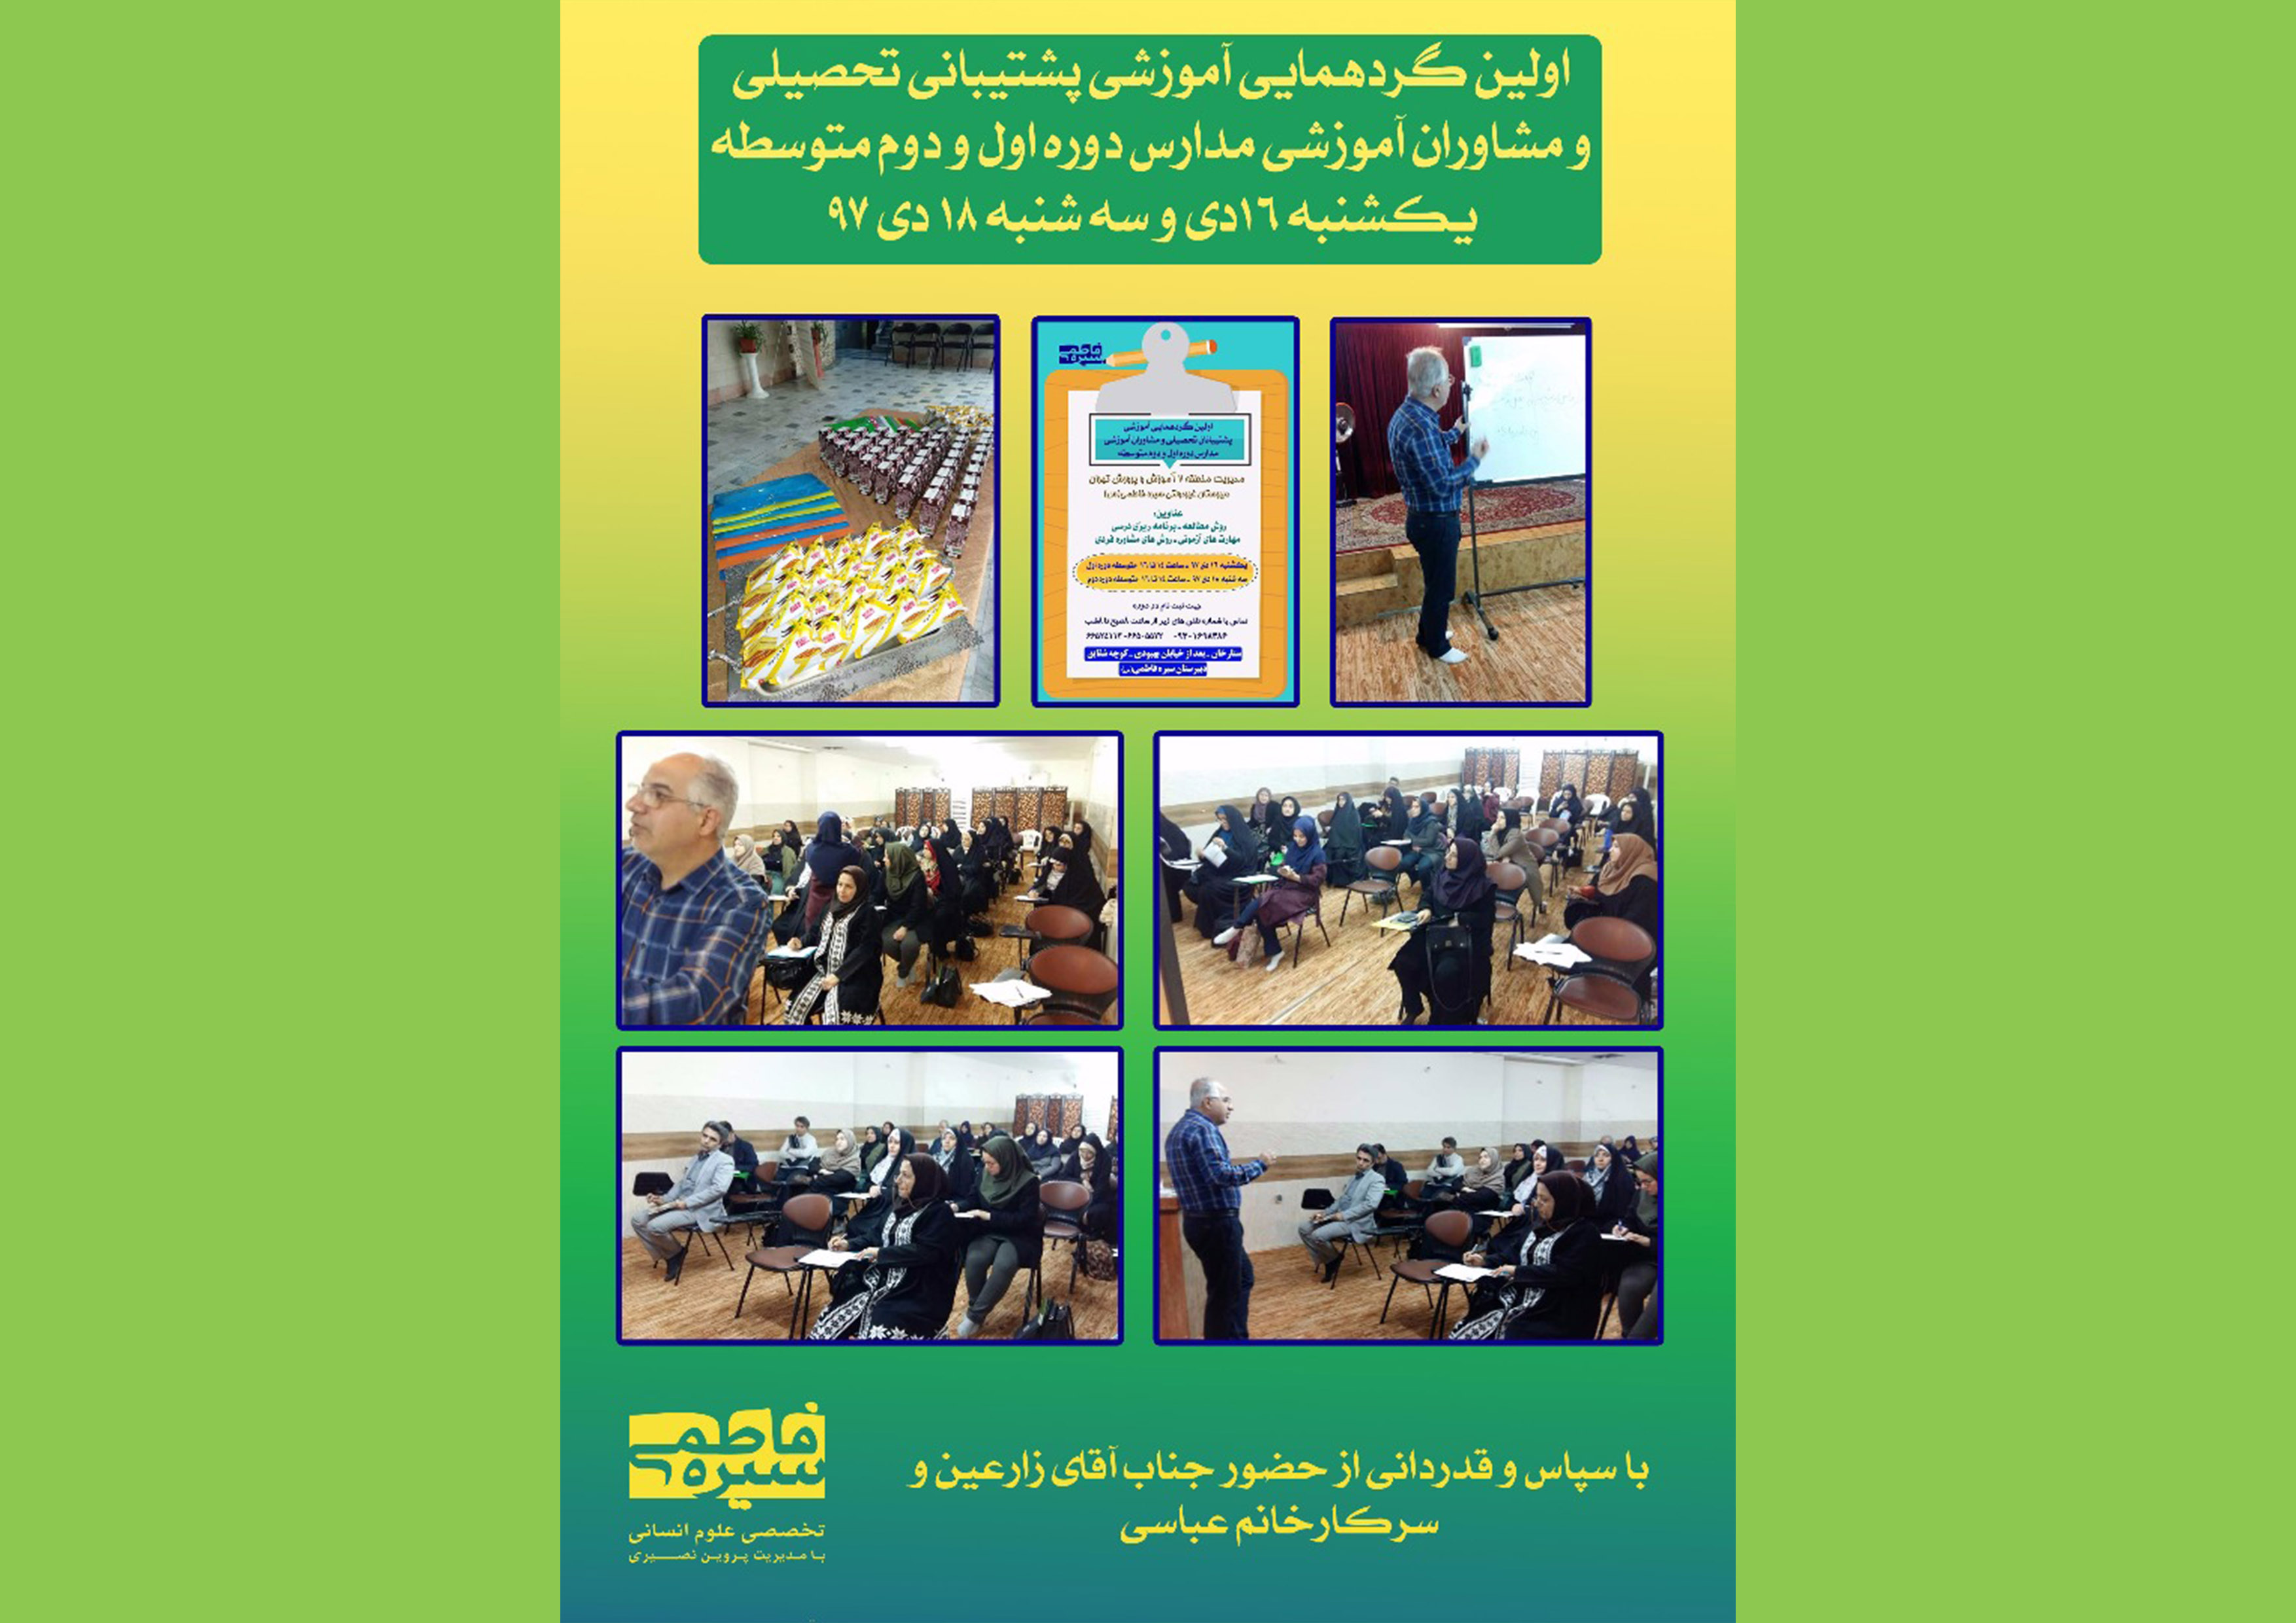 اولین گردهمایی آموزشی پشتیبانی تحصیلی